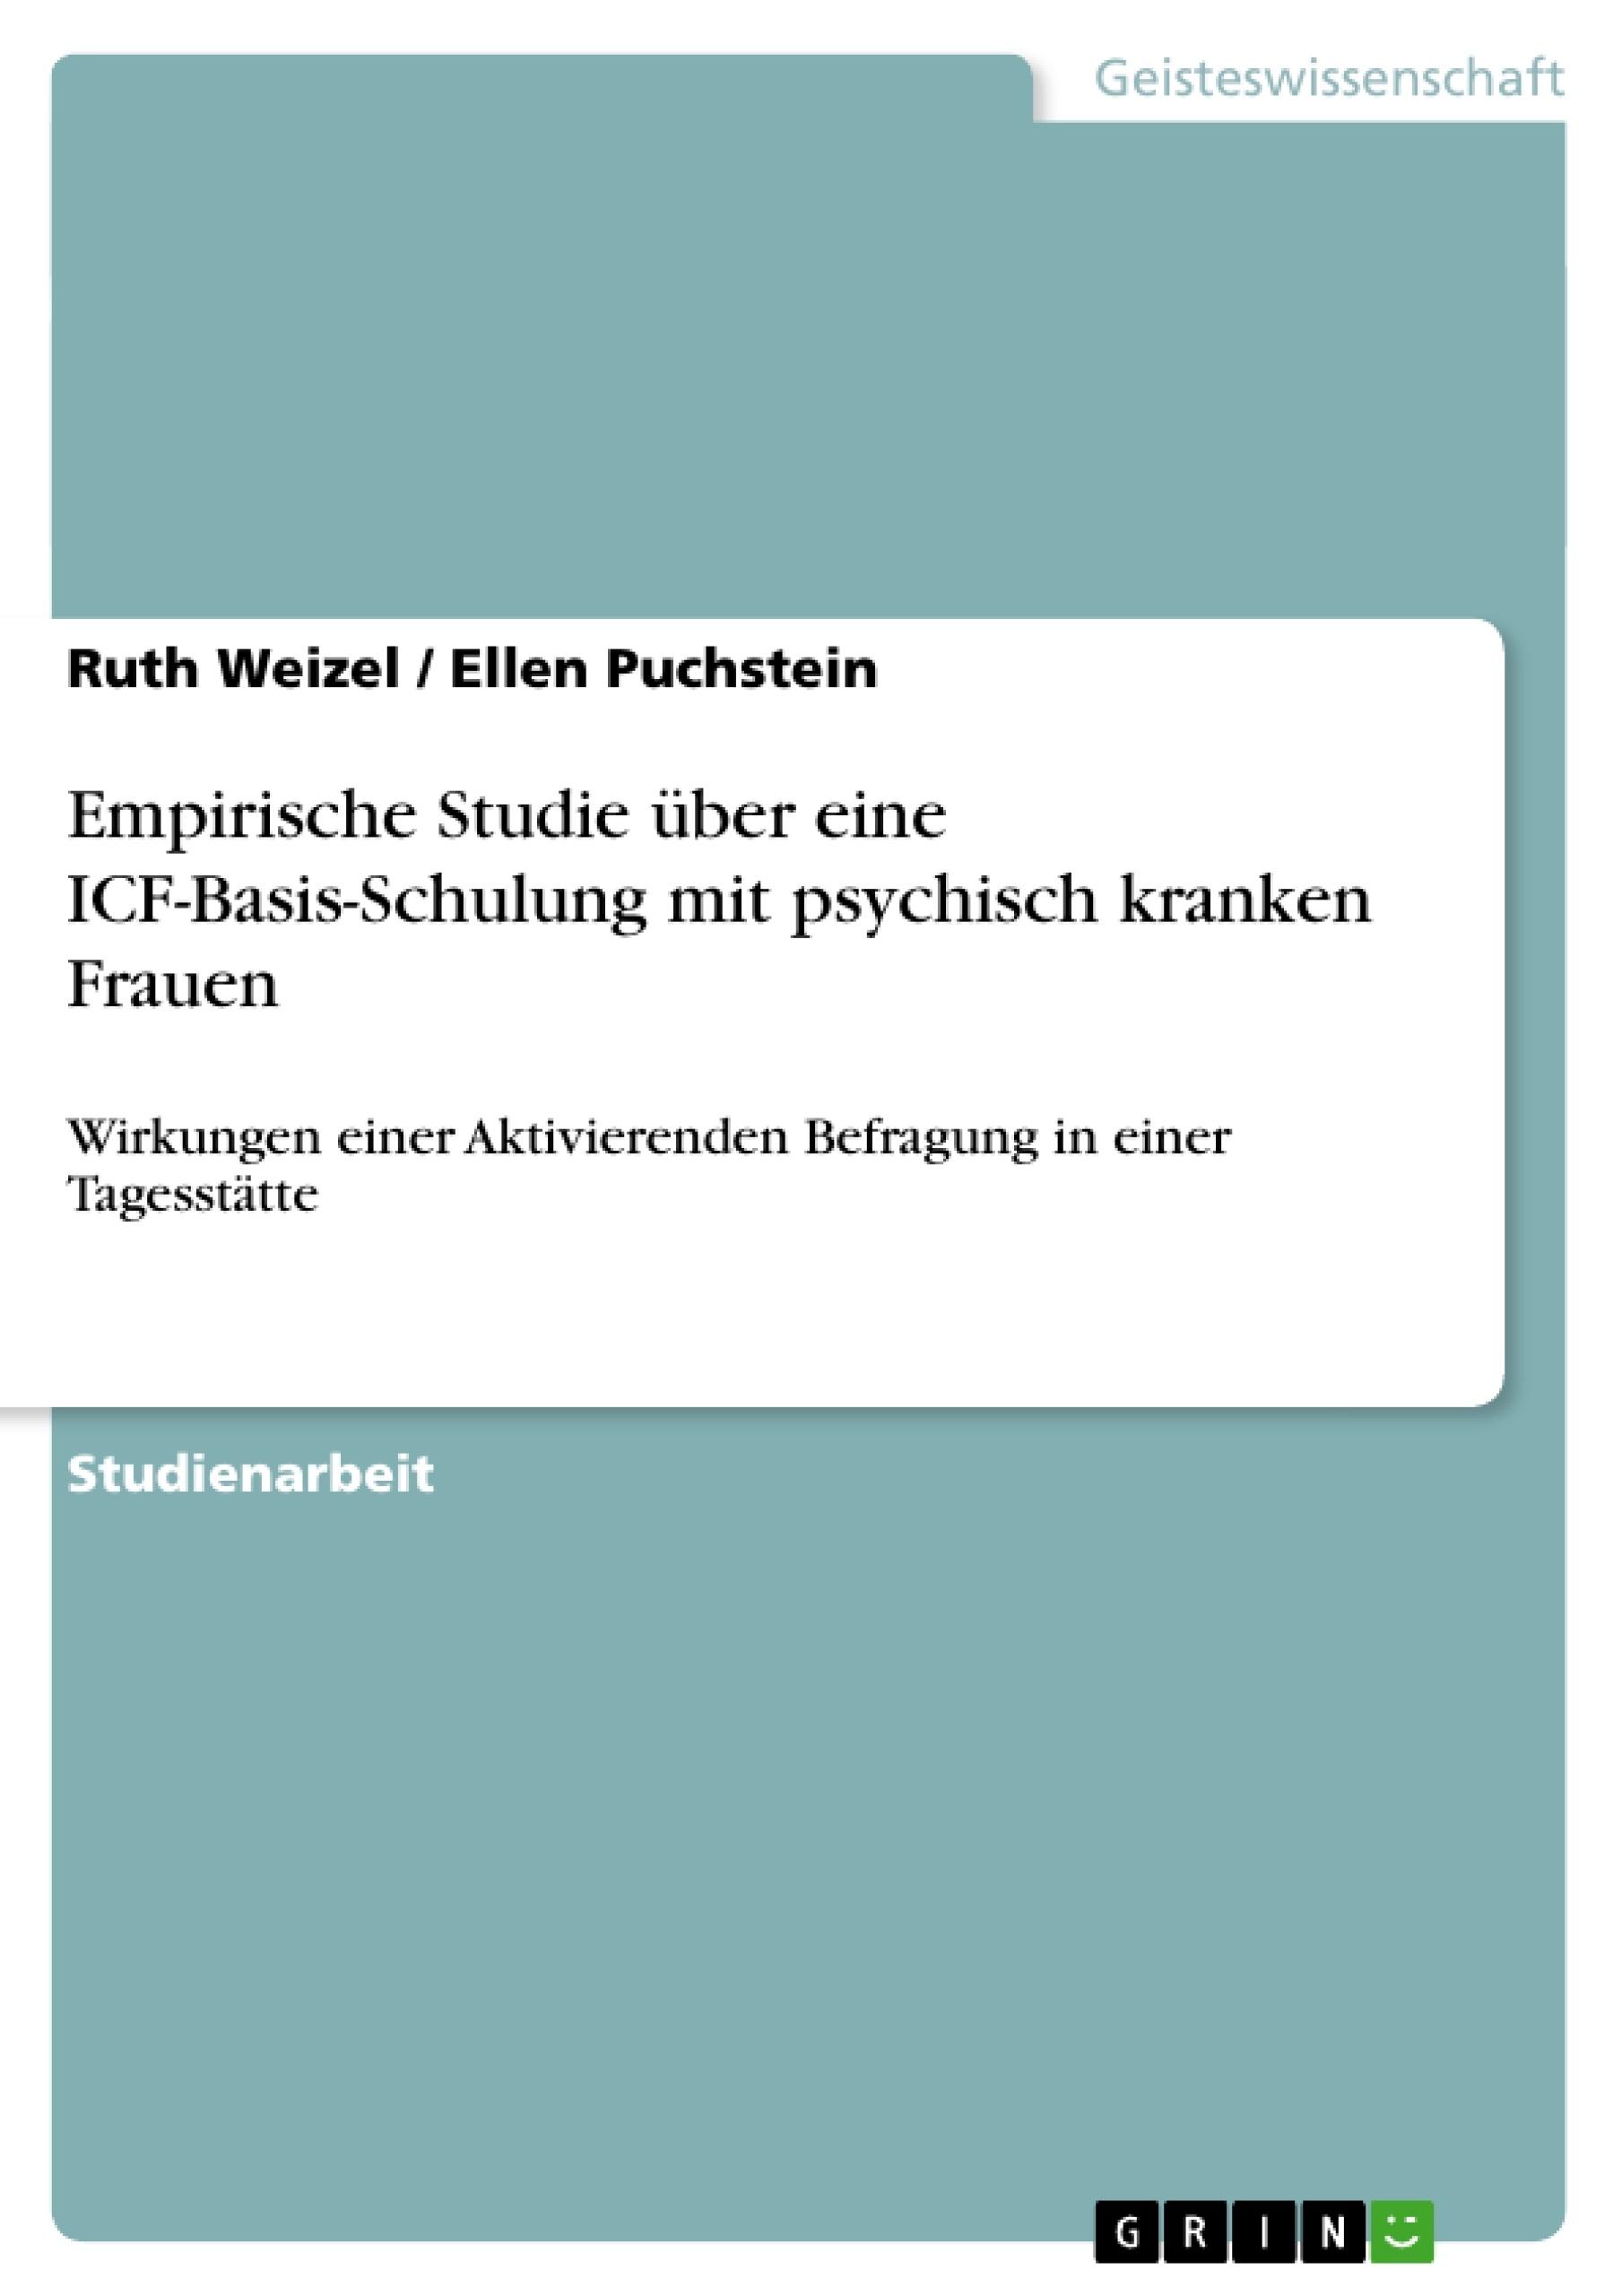 Titel: Empirische Studie über eine ICF-Basis-Schulung mit psychisch kranken Frauen